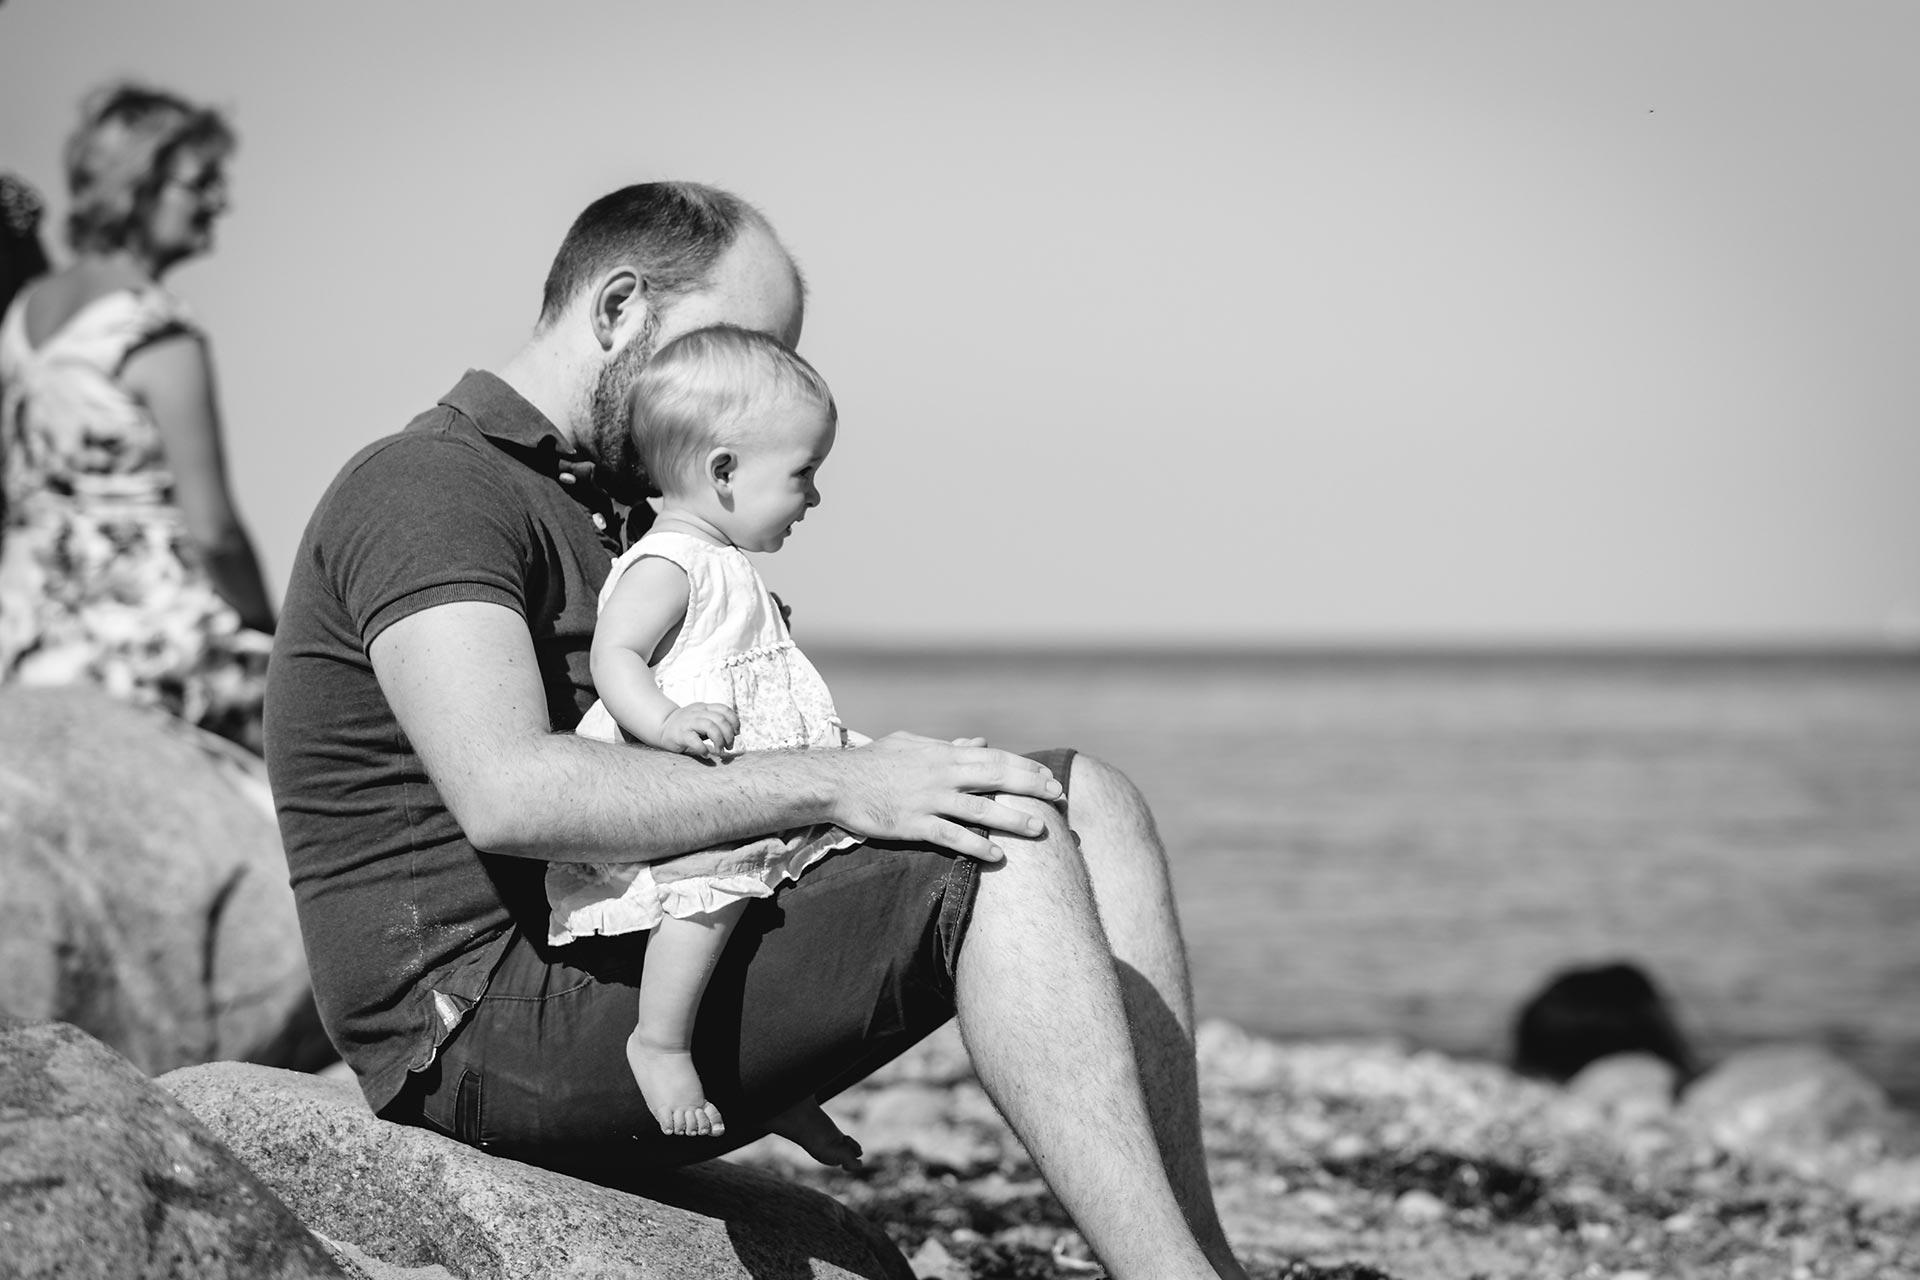 Papa-sitzt-auf-grossem-Stein-mit-seinem-Baby-auf-dem-schoss-Shooting-am-Strand-Familienfotografie-Fotograf-Rostock - Familienshooting